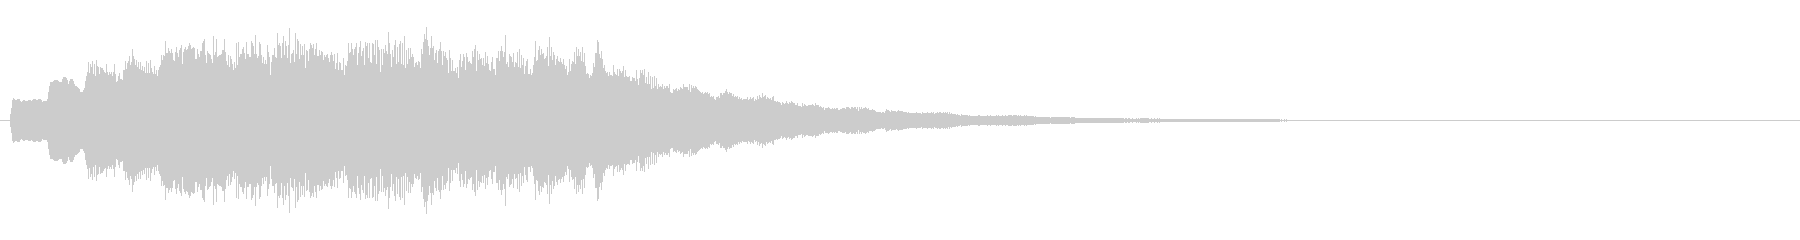 決定、ひらめき等の効果音ですの未再生の波形